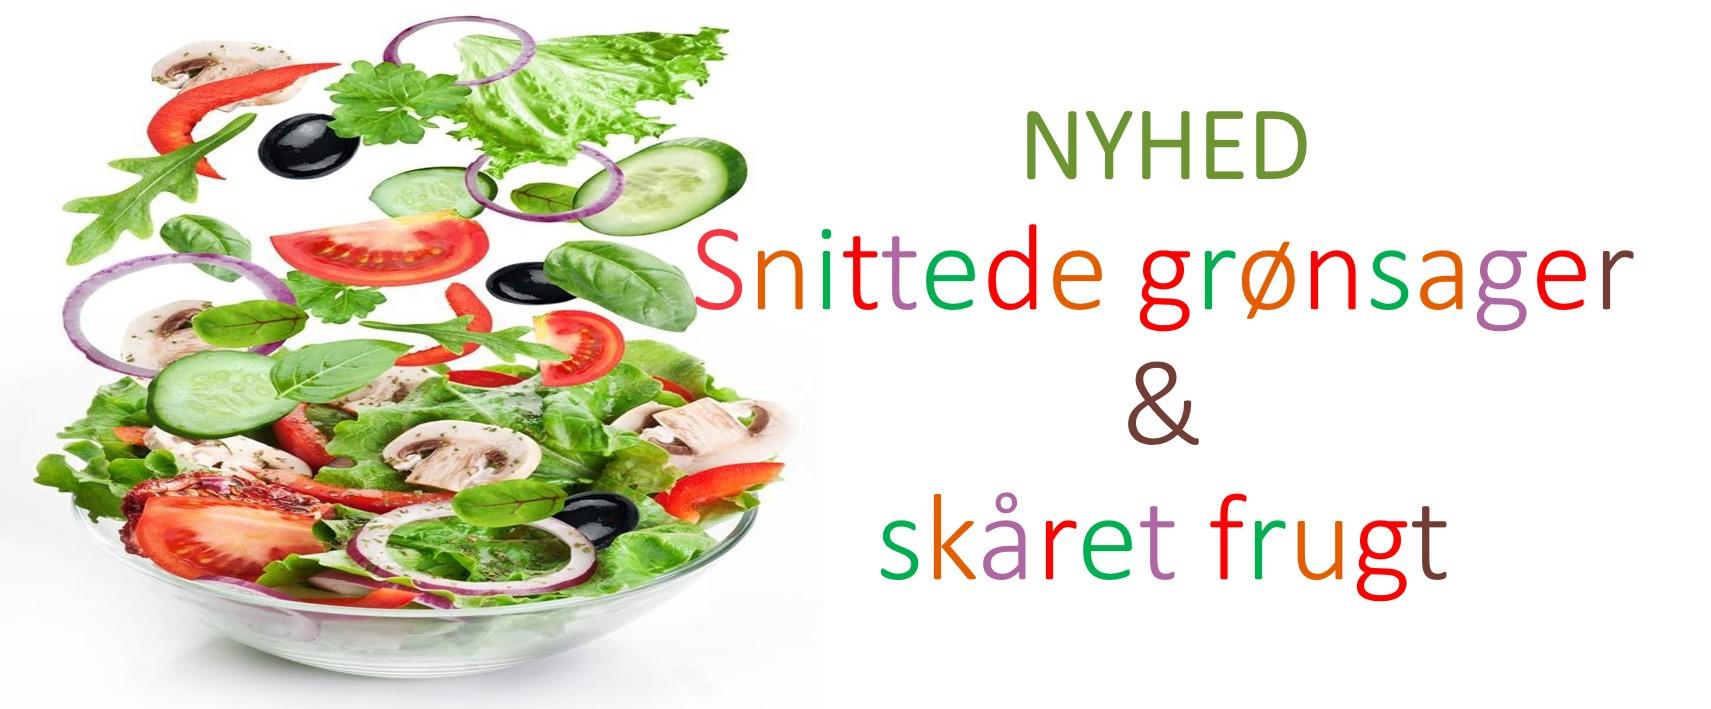 Frisksnittet grønsager og Skåret frugt